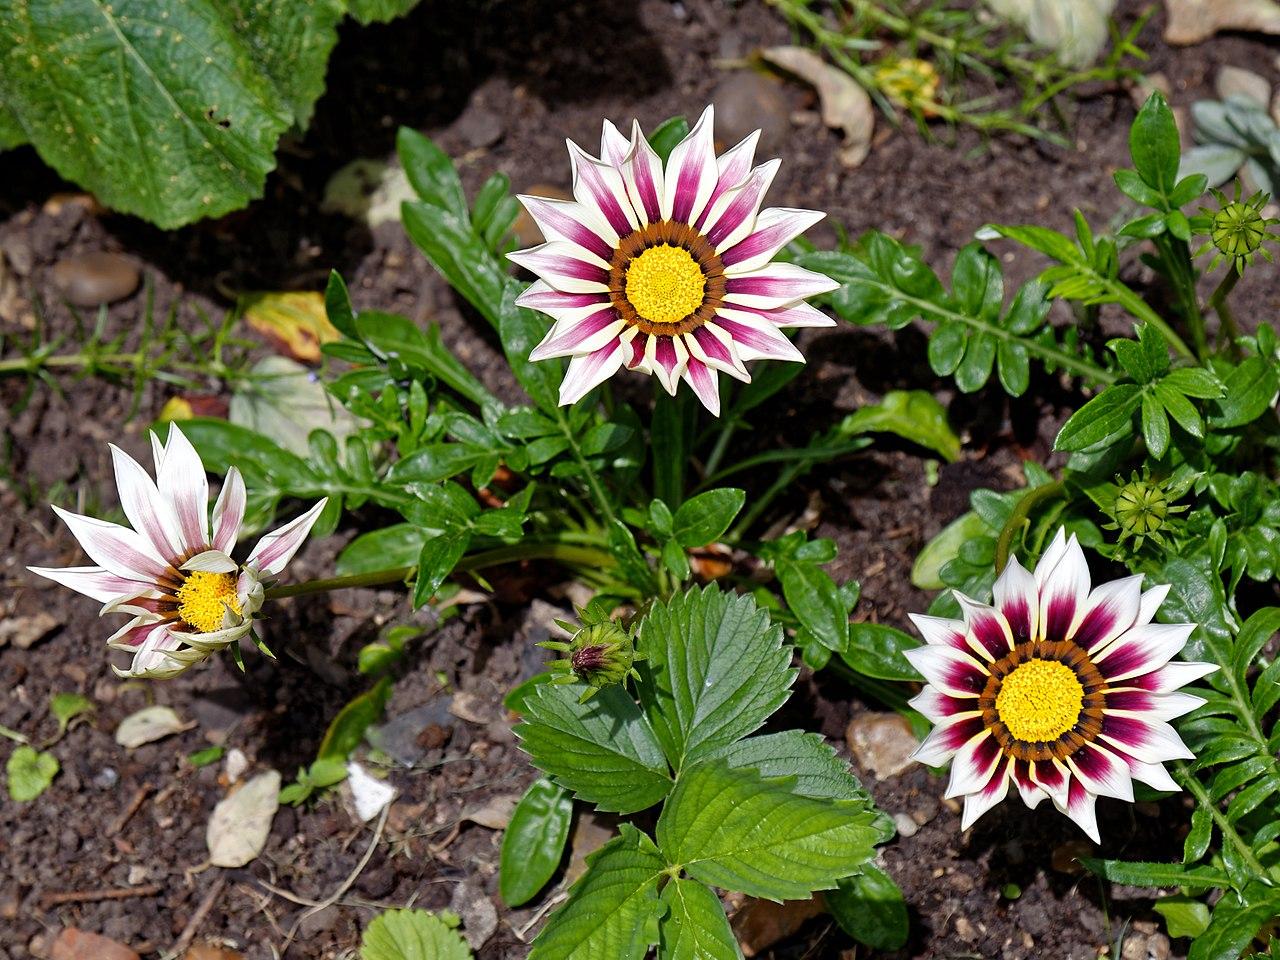 File:Gazania cultivar at Boreham, Essex, England.jpg ...